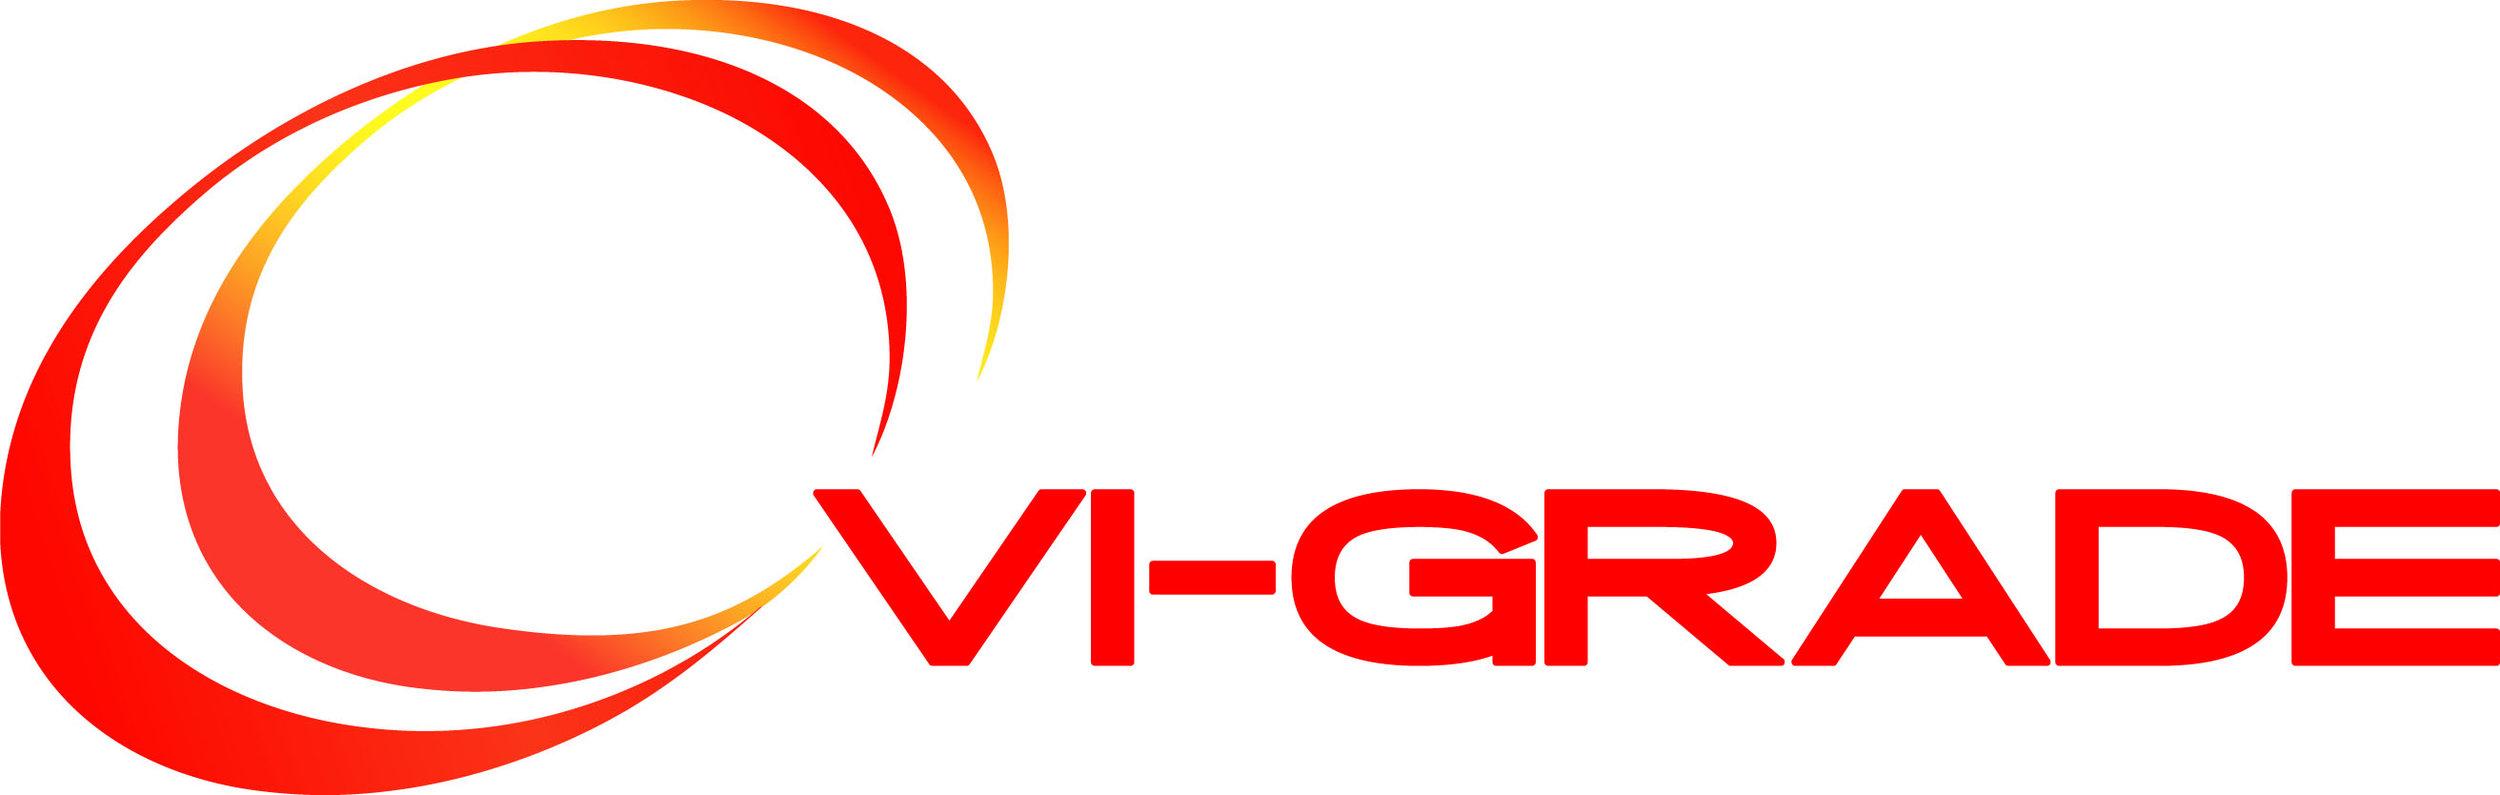 vi-grade_color-copy.jpg